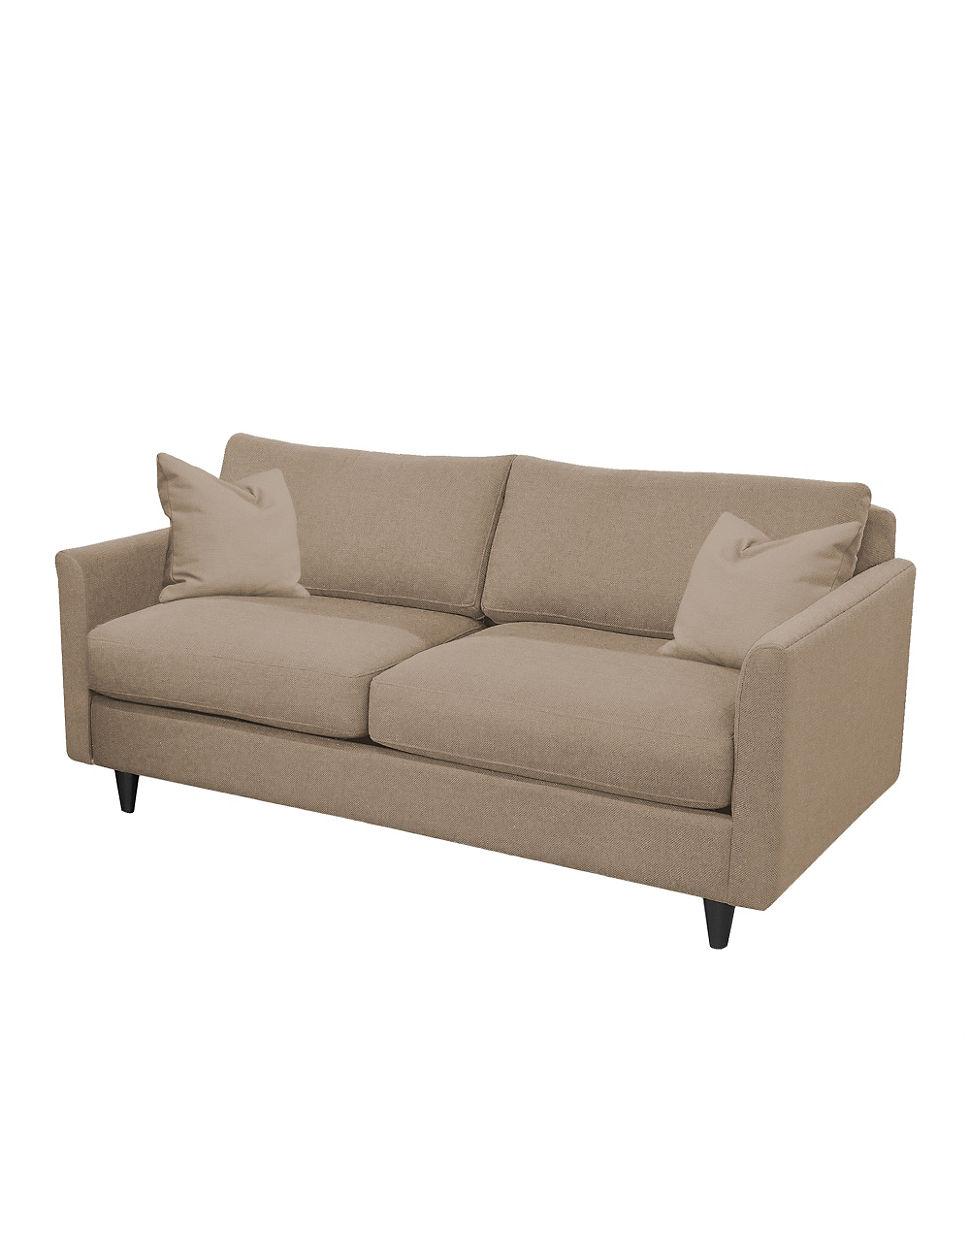 chameleon sofa bed review. Black Bedroom Furniture Sets. Home Design Ideas